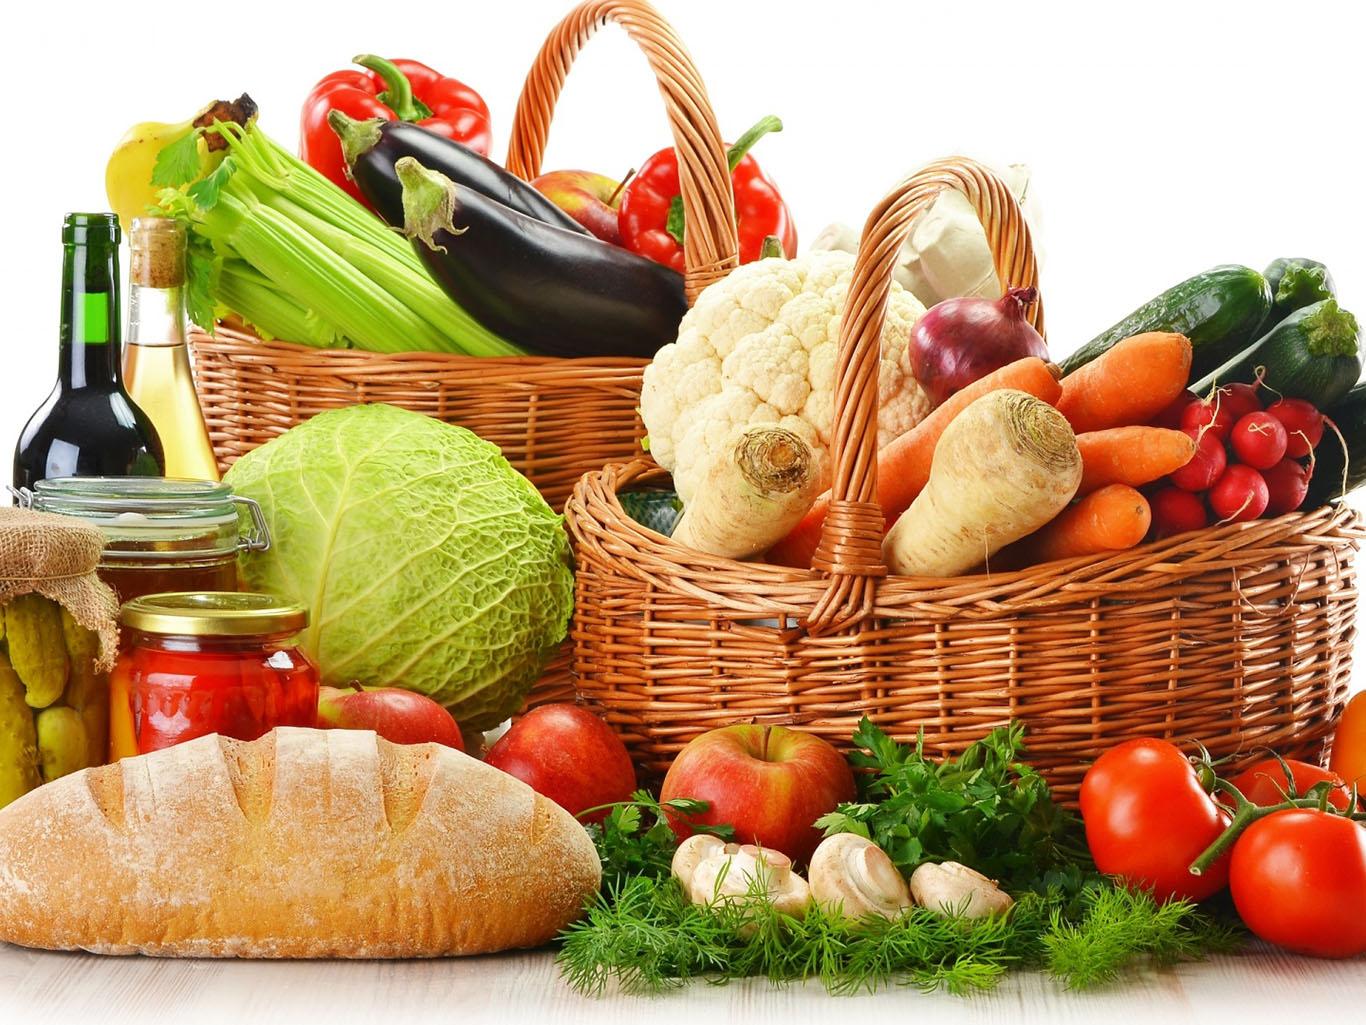 Ешьте больше – и живите дольше! Список продуктов, которые очищают артерии и помогают избежать инфаркта